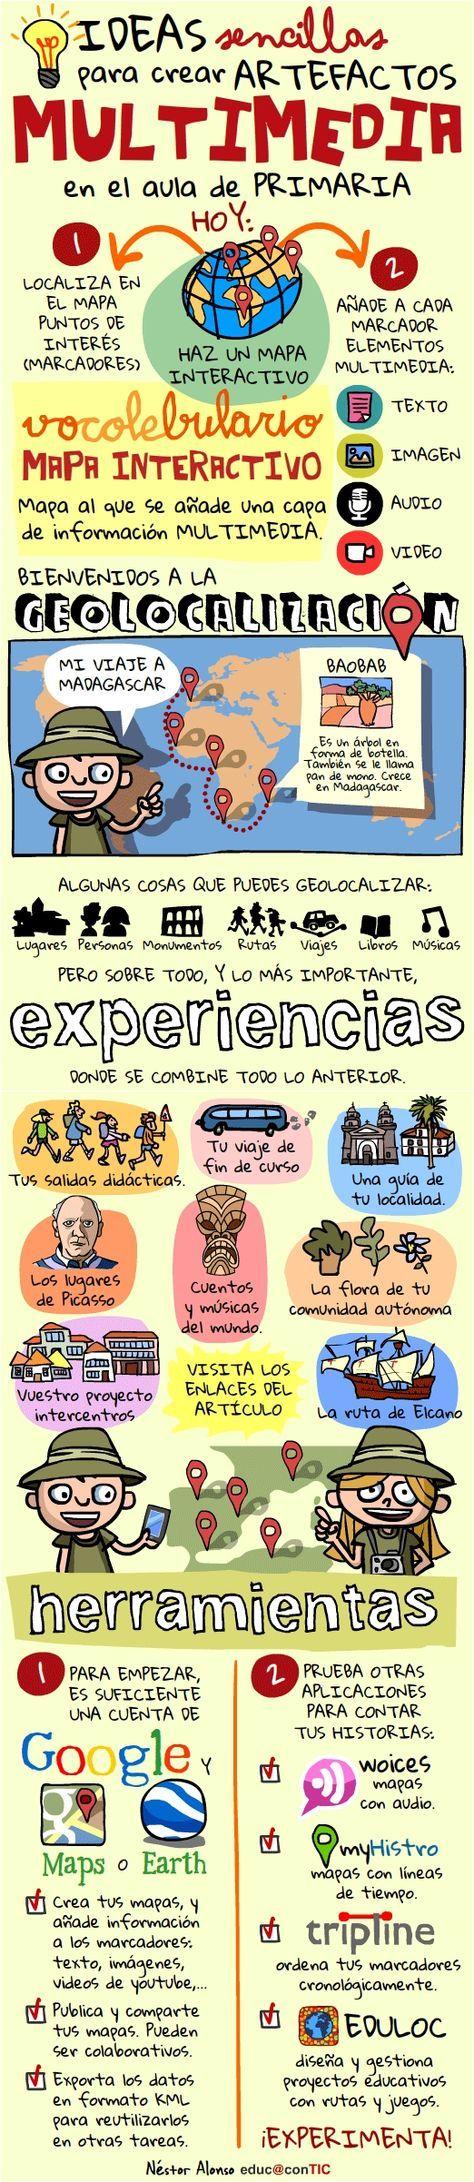 Fuente│Artefactos Multimedia (III): mapas interactivos. Por Néstor Alonso. Para Educacontic.